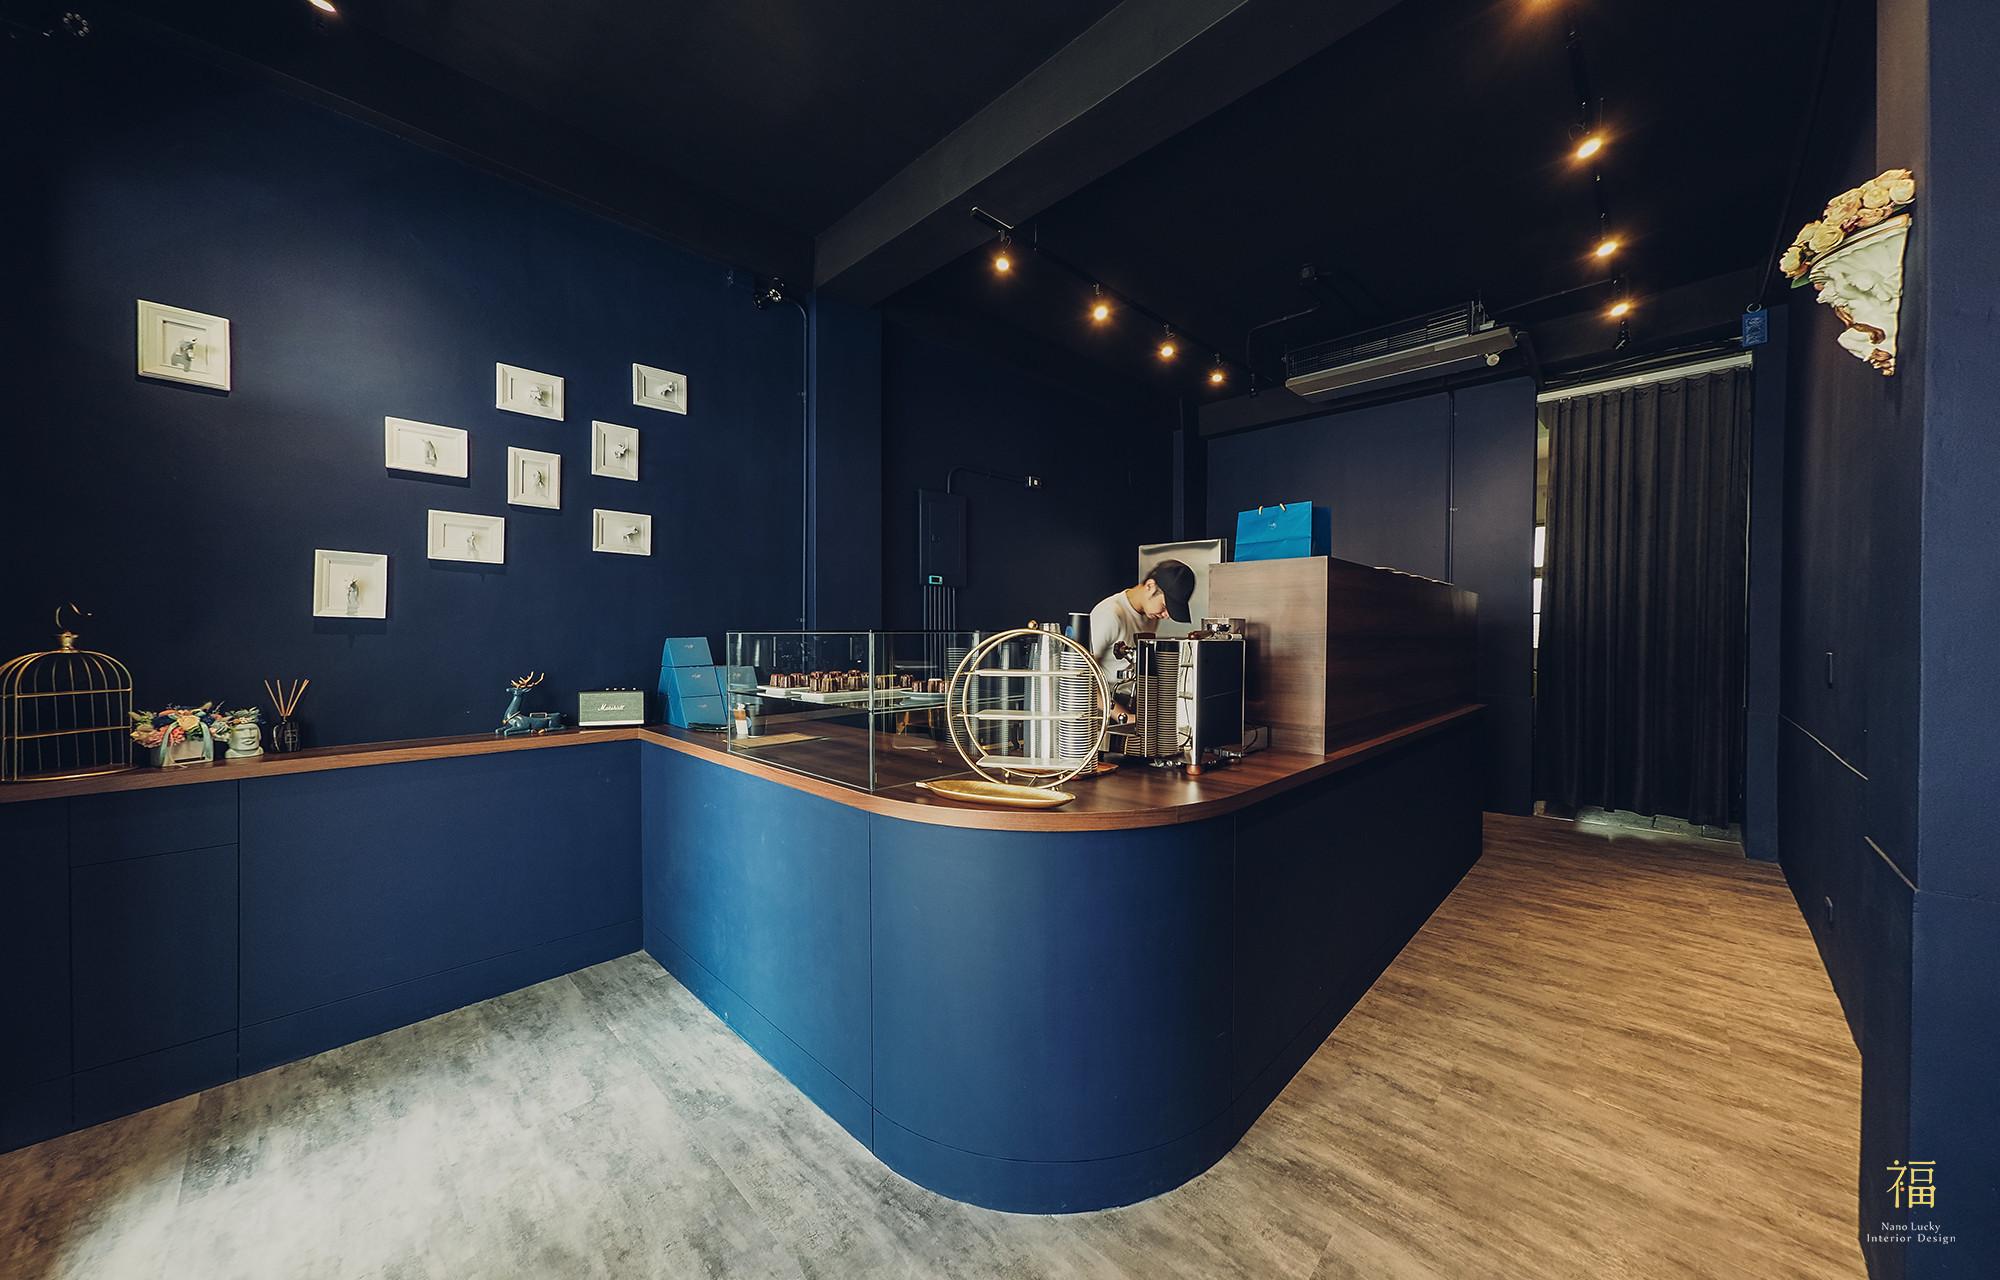 玖零甜食所嘉義可麗露專賣店-外帶店營運中|小福砌商業甜點空間設計